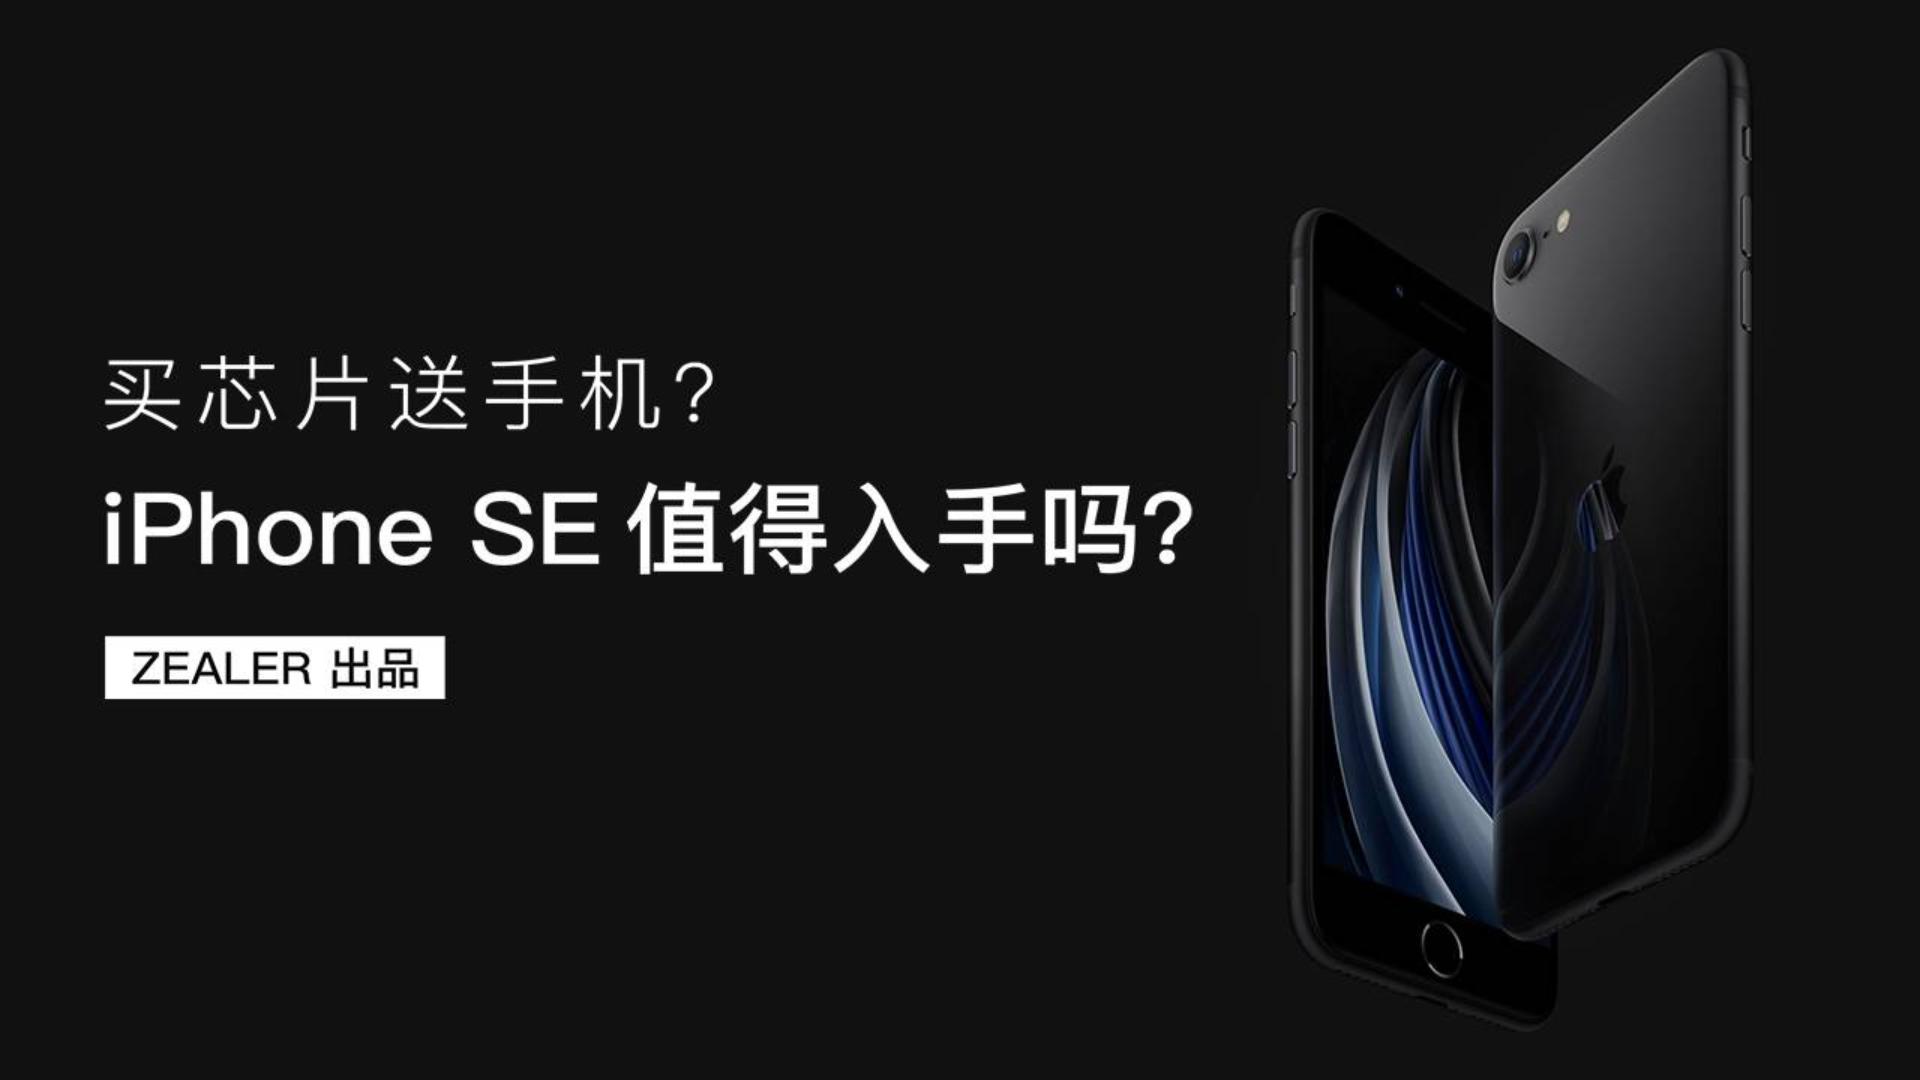 买芯片送手机,iPhone SE值得入手吗?